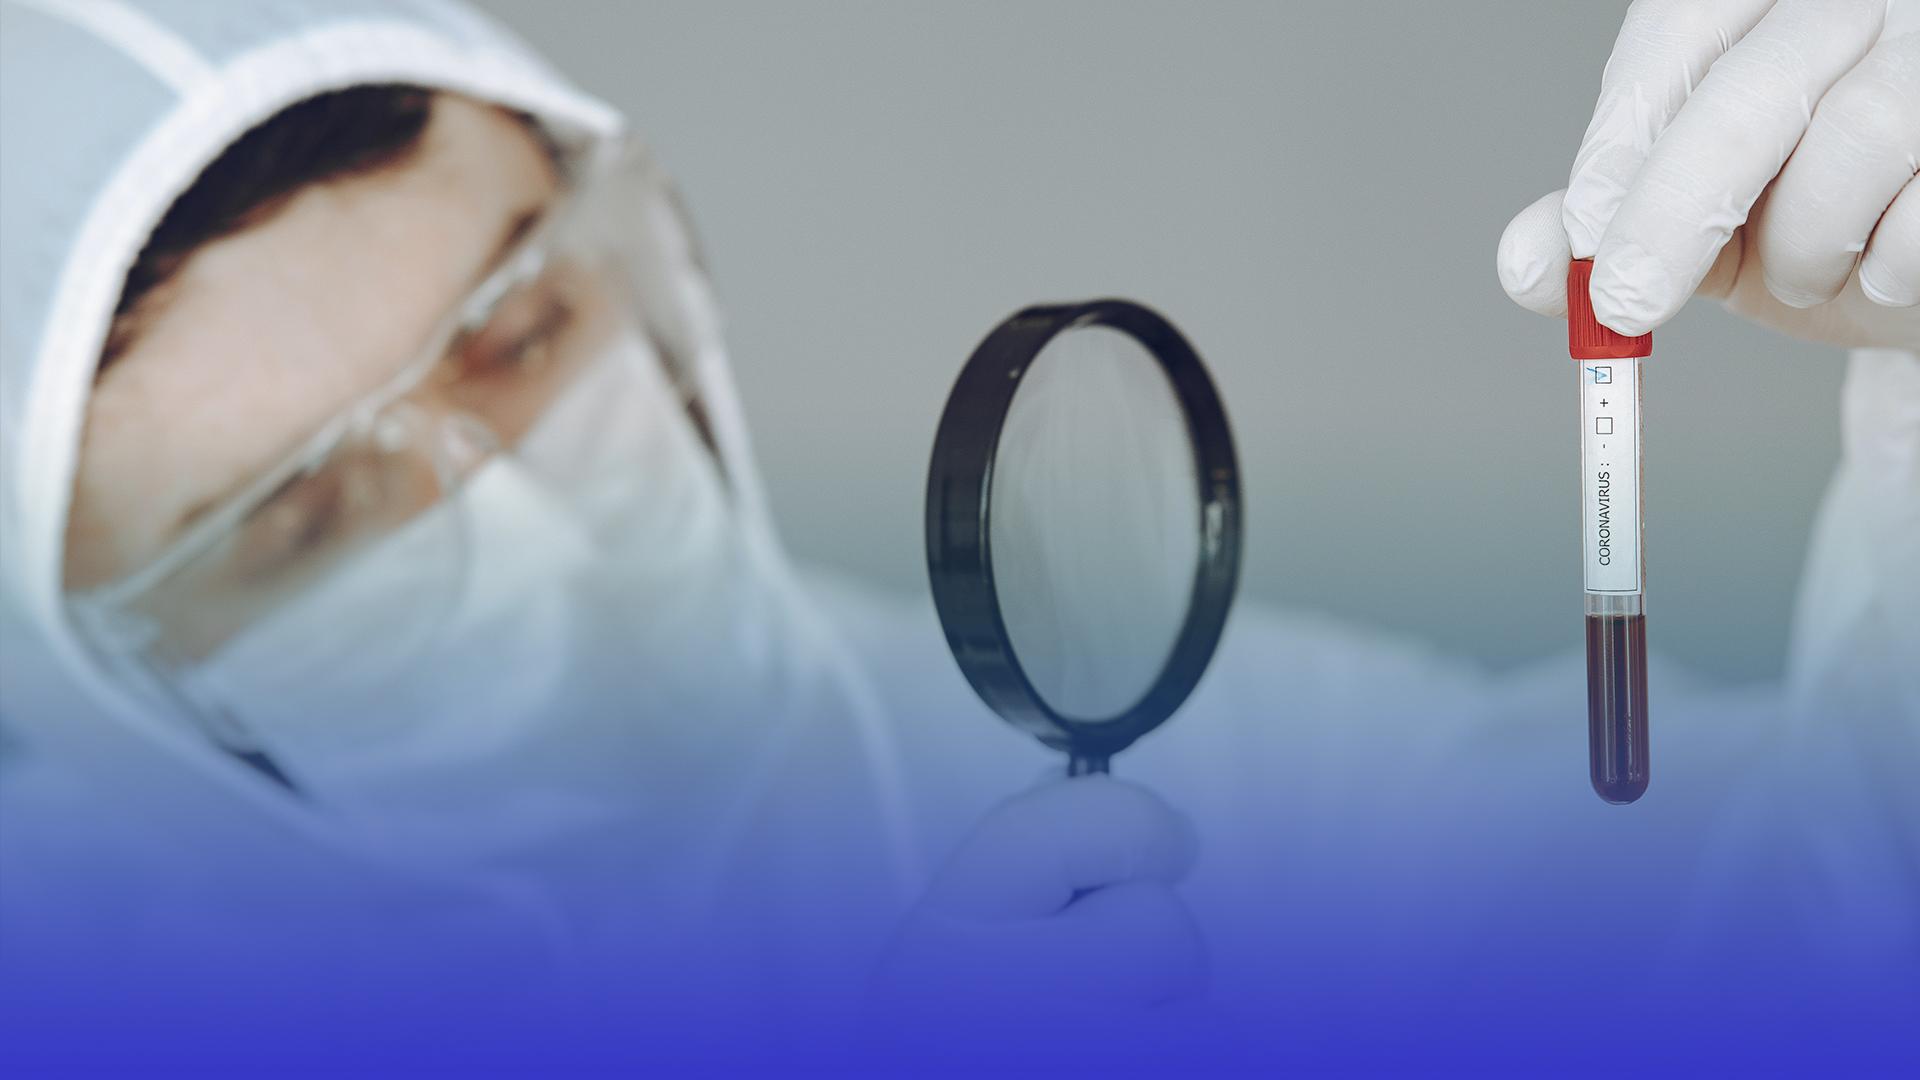 COVID-19 йде на спад, проте восени на Тернопільщині медики прогнозують нову хвилю епідемії